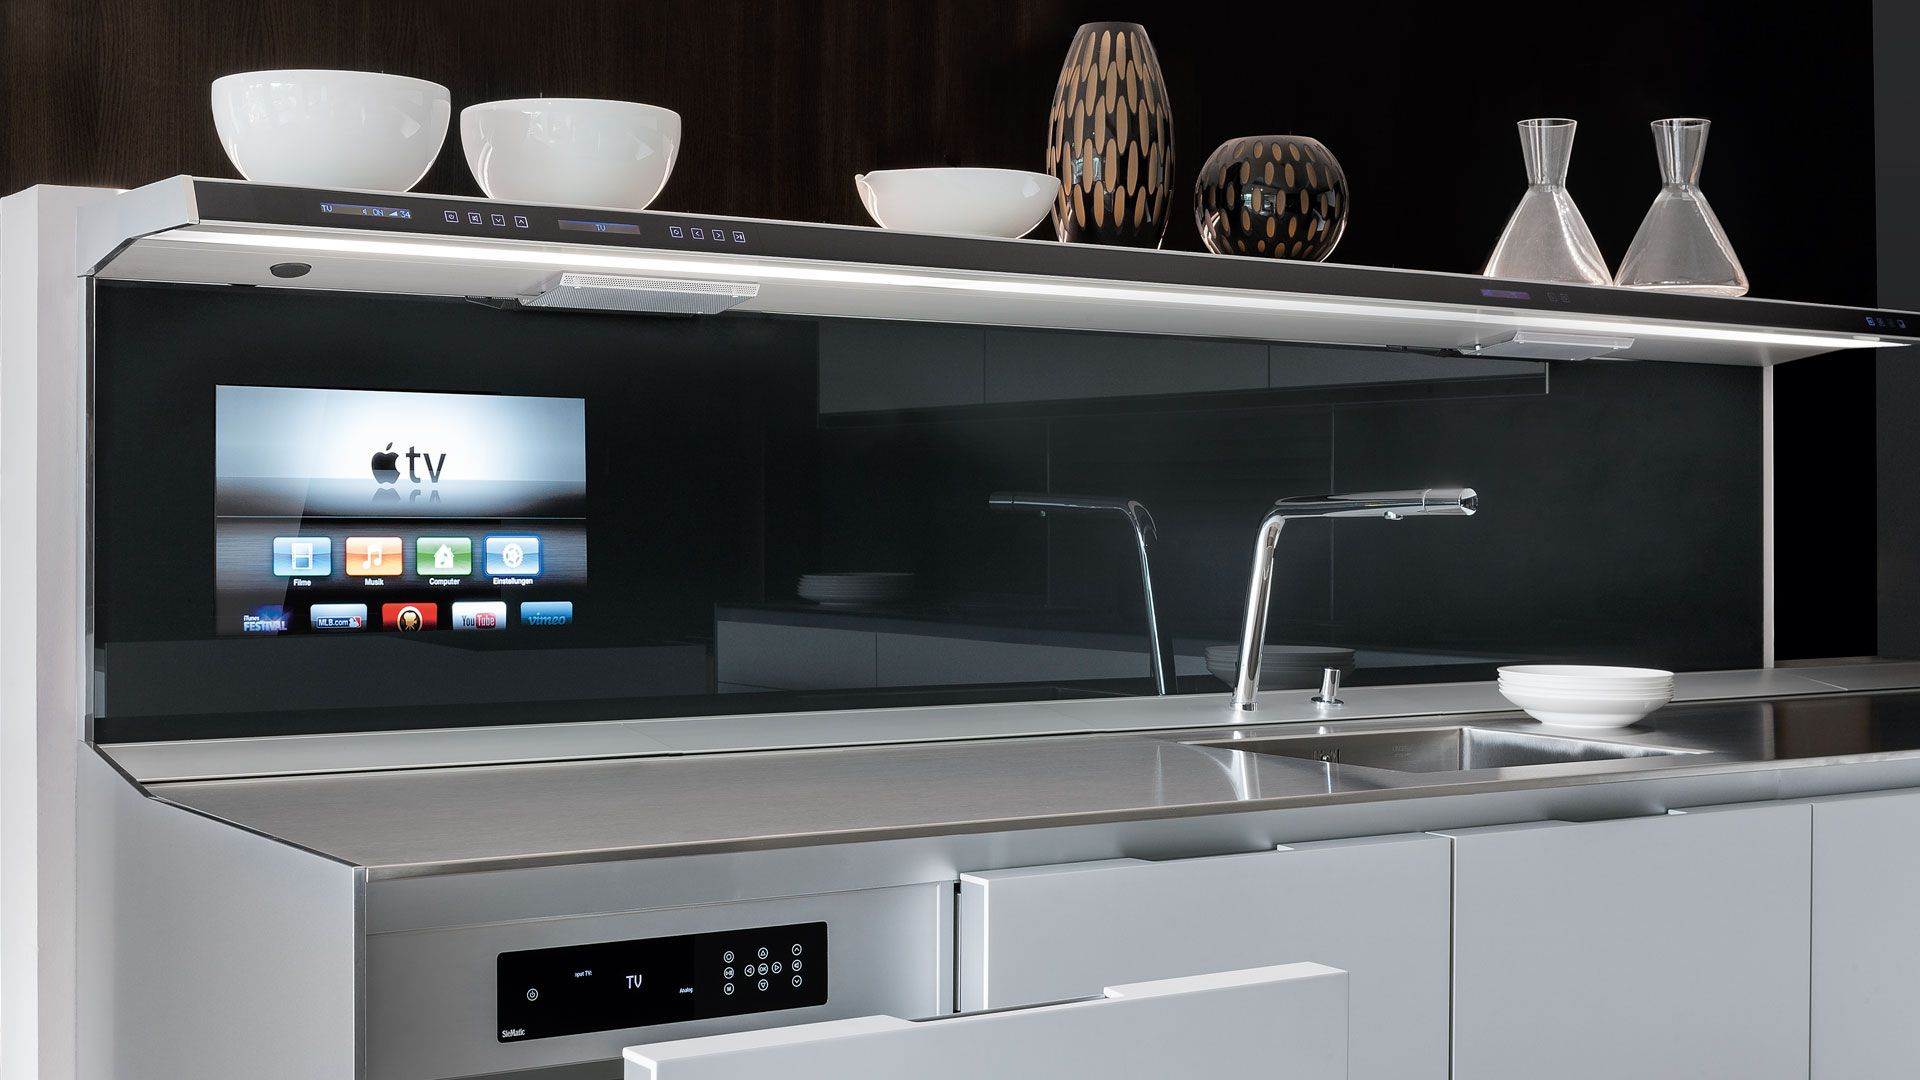 Innenausstattung küche  SieMatic Küchen: Innenausstattung - SieMatic | Küche | Pinterest ...